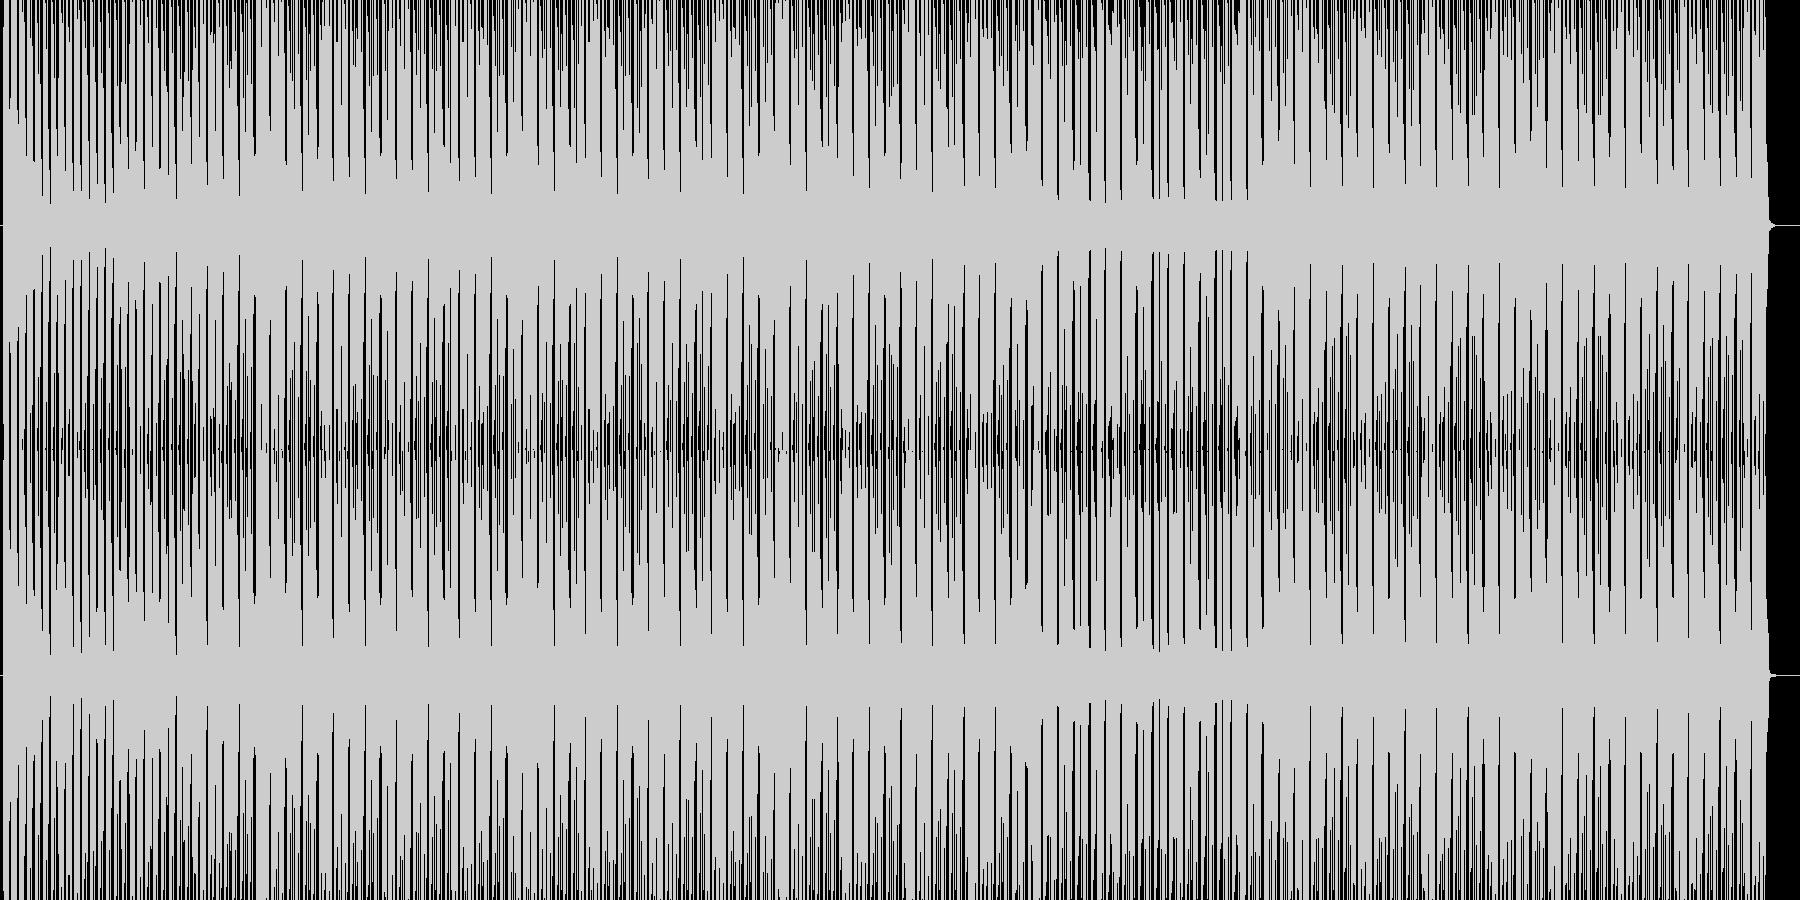 軽快なリズムのハウスの未再生の波形